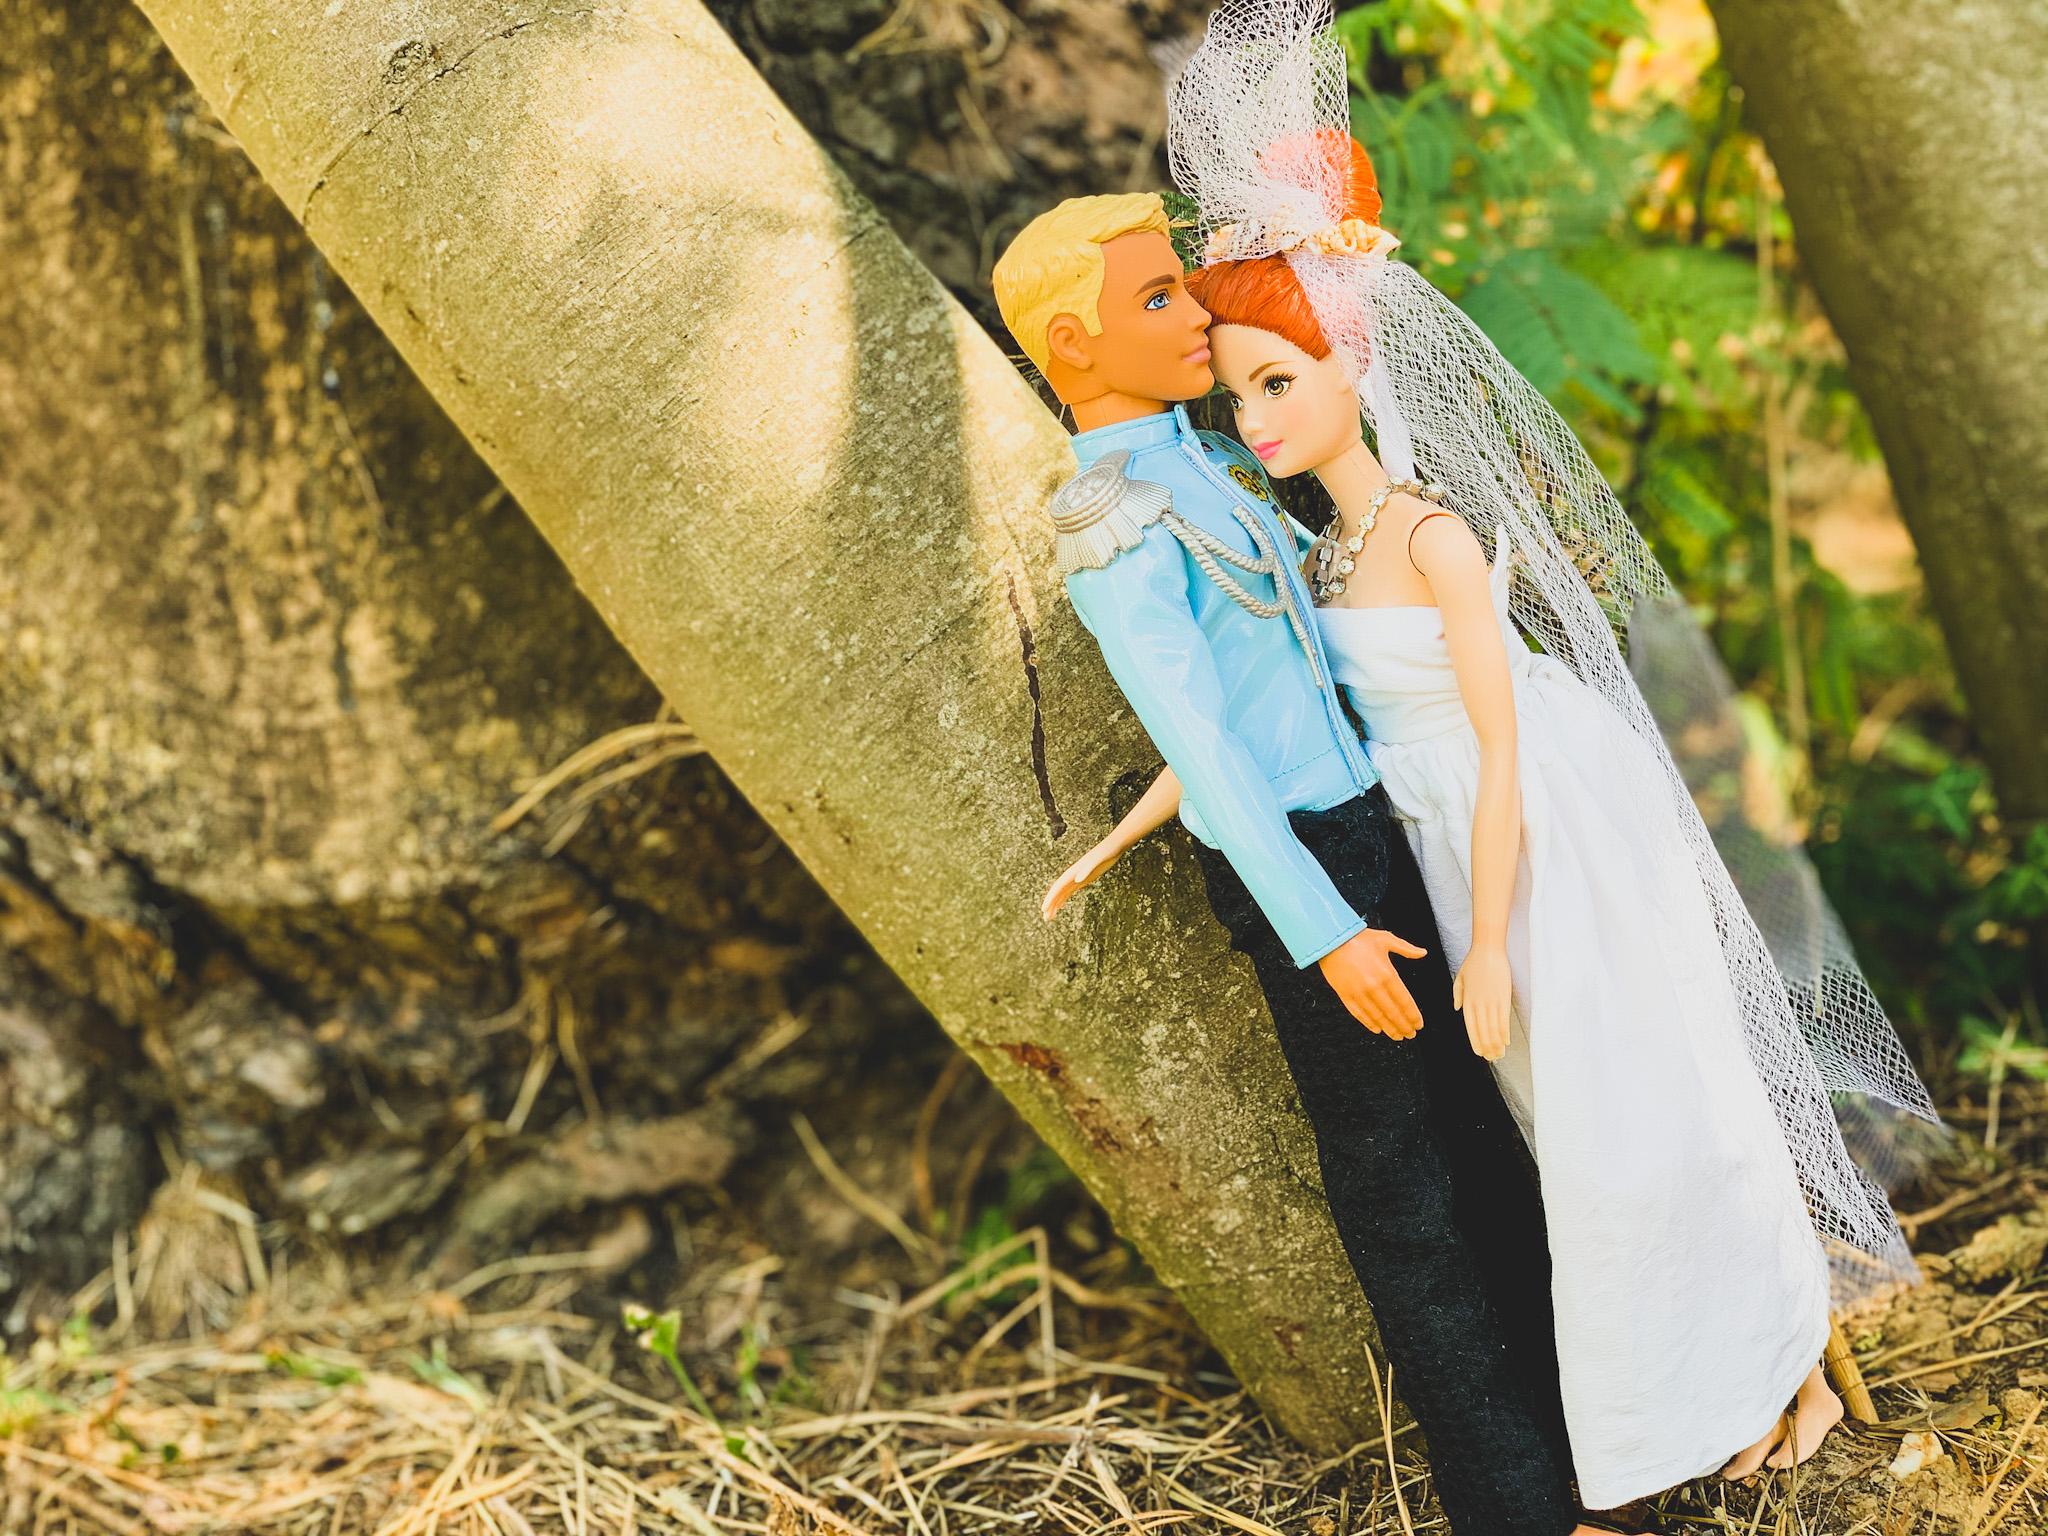 Le mariage de Barbie et Ken : les photos de couple - © Jolies Cérémonies